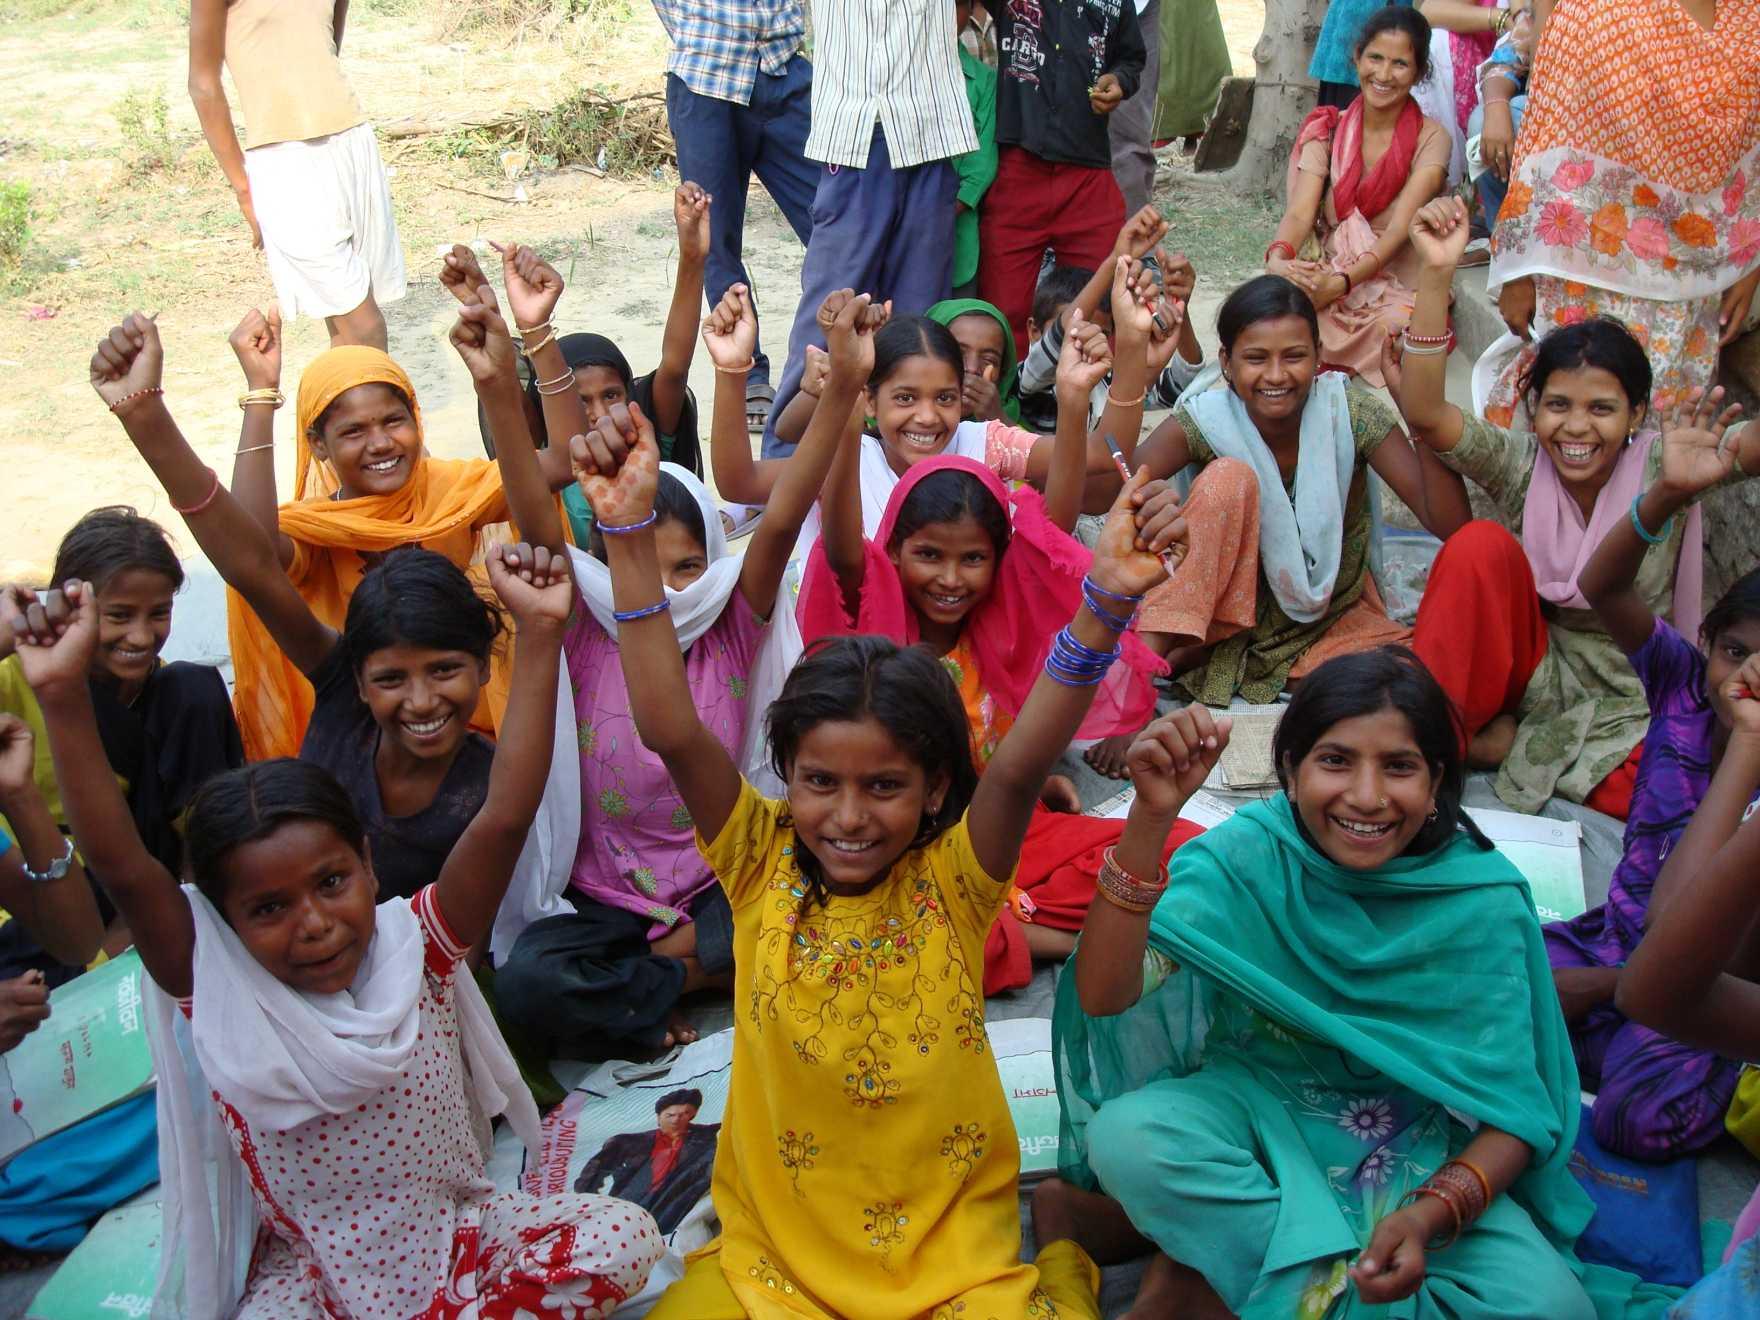 En grupp flickor i färgglada kläder sitter på marken och sträcker upp armarna och ler.